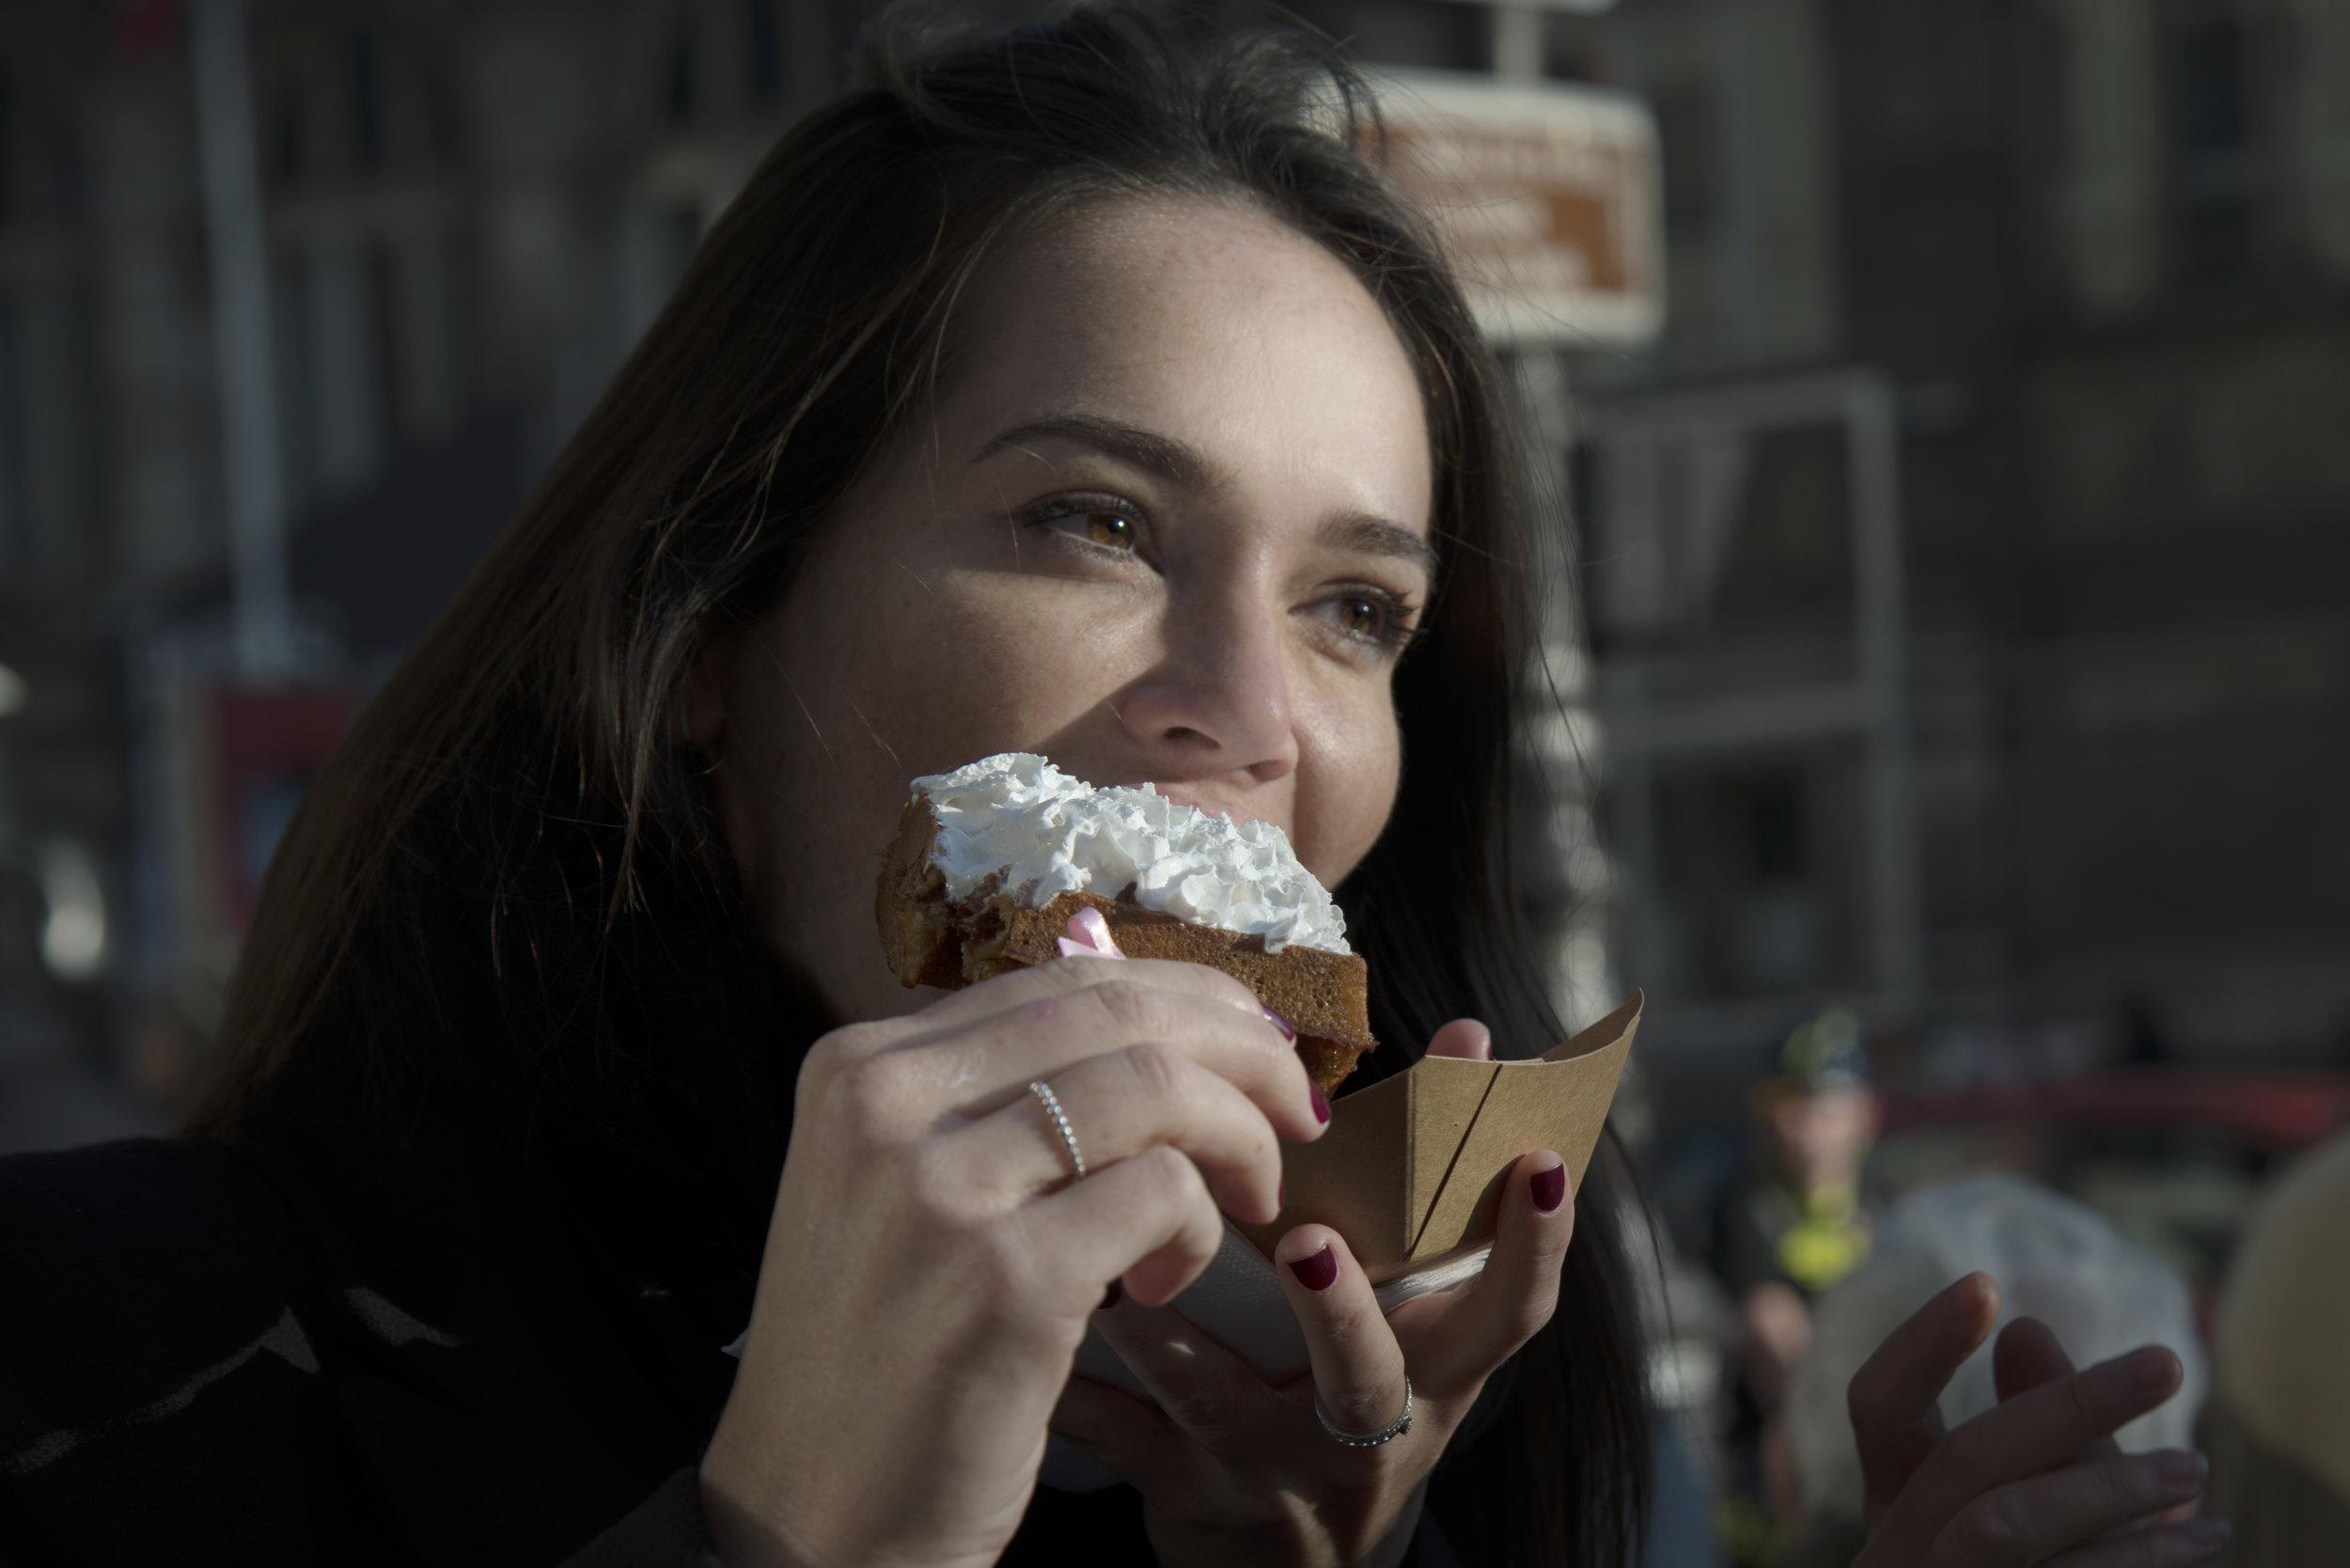 Yummy & Guiltfree : on aime tous ses délicieuses gaufres aux toppings fabuleux sur leur bâtonnets à noeuds ! Pour autant, connaissez-vous véritablement la marque et ses produits ? Plongez-vous dans ce Vrai / Faux pour y voir un peu plus clair...   Les gaufres Y & G sont moins caloriques que la moyenne → VRAI   Une gaufre non garnie de chez Yummy & Guiltfree ne contient que 230kcal ! C'est quasiment 30% de moins qu'une gaufre traditionnelle, qui représentera très vite plus de 300kcal.   Venir chez Y & G c'est prendre un risque quand on est coeliaque → FAUX   Il n'y a aucun risque à venir manger chez Yummy & Guiltfree lorsqu'on est coeliaque car l'intégralité de notre production est sans gluten et nous possédons notre propre  laboratoire , ce qui évite tout risque de contamination croisée.   Je peux me régaler chez Y & G si je suis végétarien → VRAI    Nous mettons un point d'honneur à toujours avoir au moins une gaufre salée Végétarienne à la carte : elle met à l'honneur des légumes de saison et varie donc très régulièrement selon les inspirations du chef. Les gaufres sucrées, elles, sont en majorité végétariennes.   Chez Y & G tout est fait maison → VRAI    Notre chef Damien Cassart ainsi que son équipe travaillent chaque jour des produits frais, transformés sur place avec passion et précision. Les gaufres sont ensuite cuites et dressées en  boutiques  par nos équipes. Nous contrôlons donc tout ce que nous vendons : des produits bruts aux produits finis !   Les produits Y & G sont vegan → FAUX    Hormis nos glaces et cornets vegan, nos produits ne sont pas vegan car tant la pâte à gaufres que les gâteaux de voyage contiennent des oeufs… Dur dur de s'en débarrasser, mais promis on y travaille !   La recette de la pâte à gaufres Y & G est tenue secrète → VRAI   Notre pâte à gaufre a pris plus de 2 ans à être mise au point par notre chef et contient un mix de farines inédit qui rend nos gaufres si légères et gourmandes. Nous gardons donc cette recette top secrète, mais